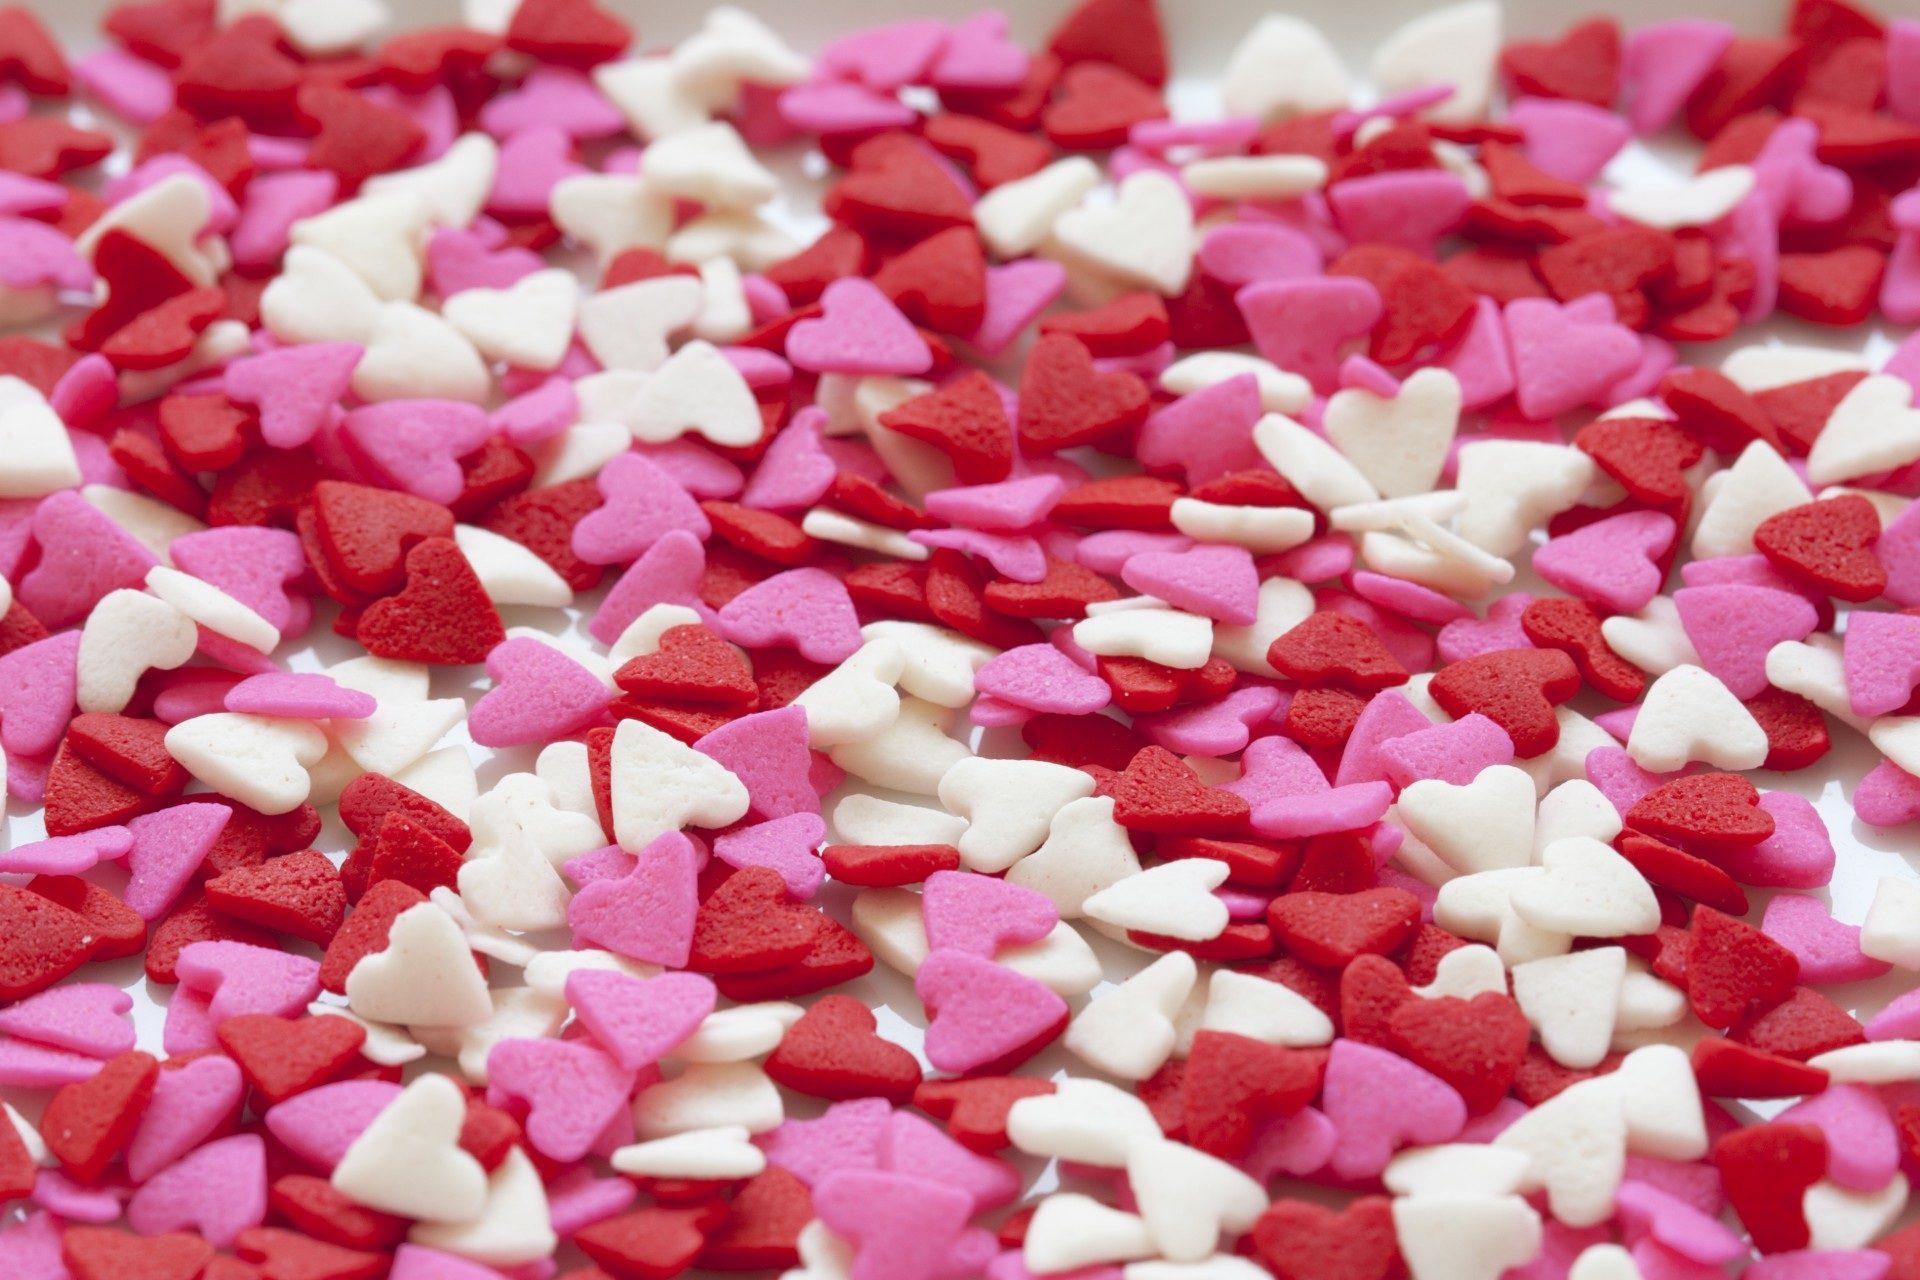 coeurs, Formes, amour, coloré, Rosa, Rouge - Fonds d'écran HD - Professor-falken.com